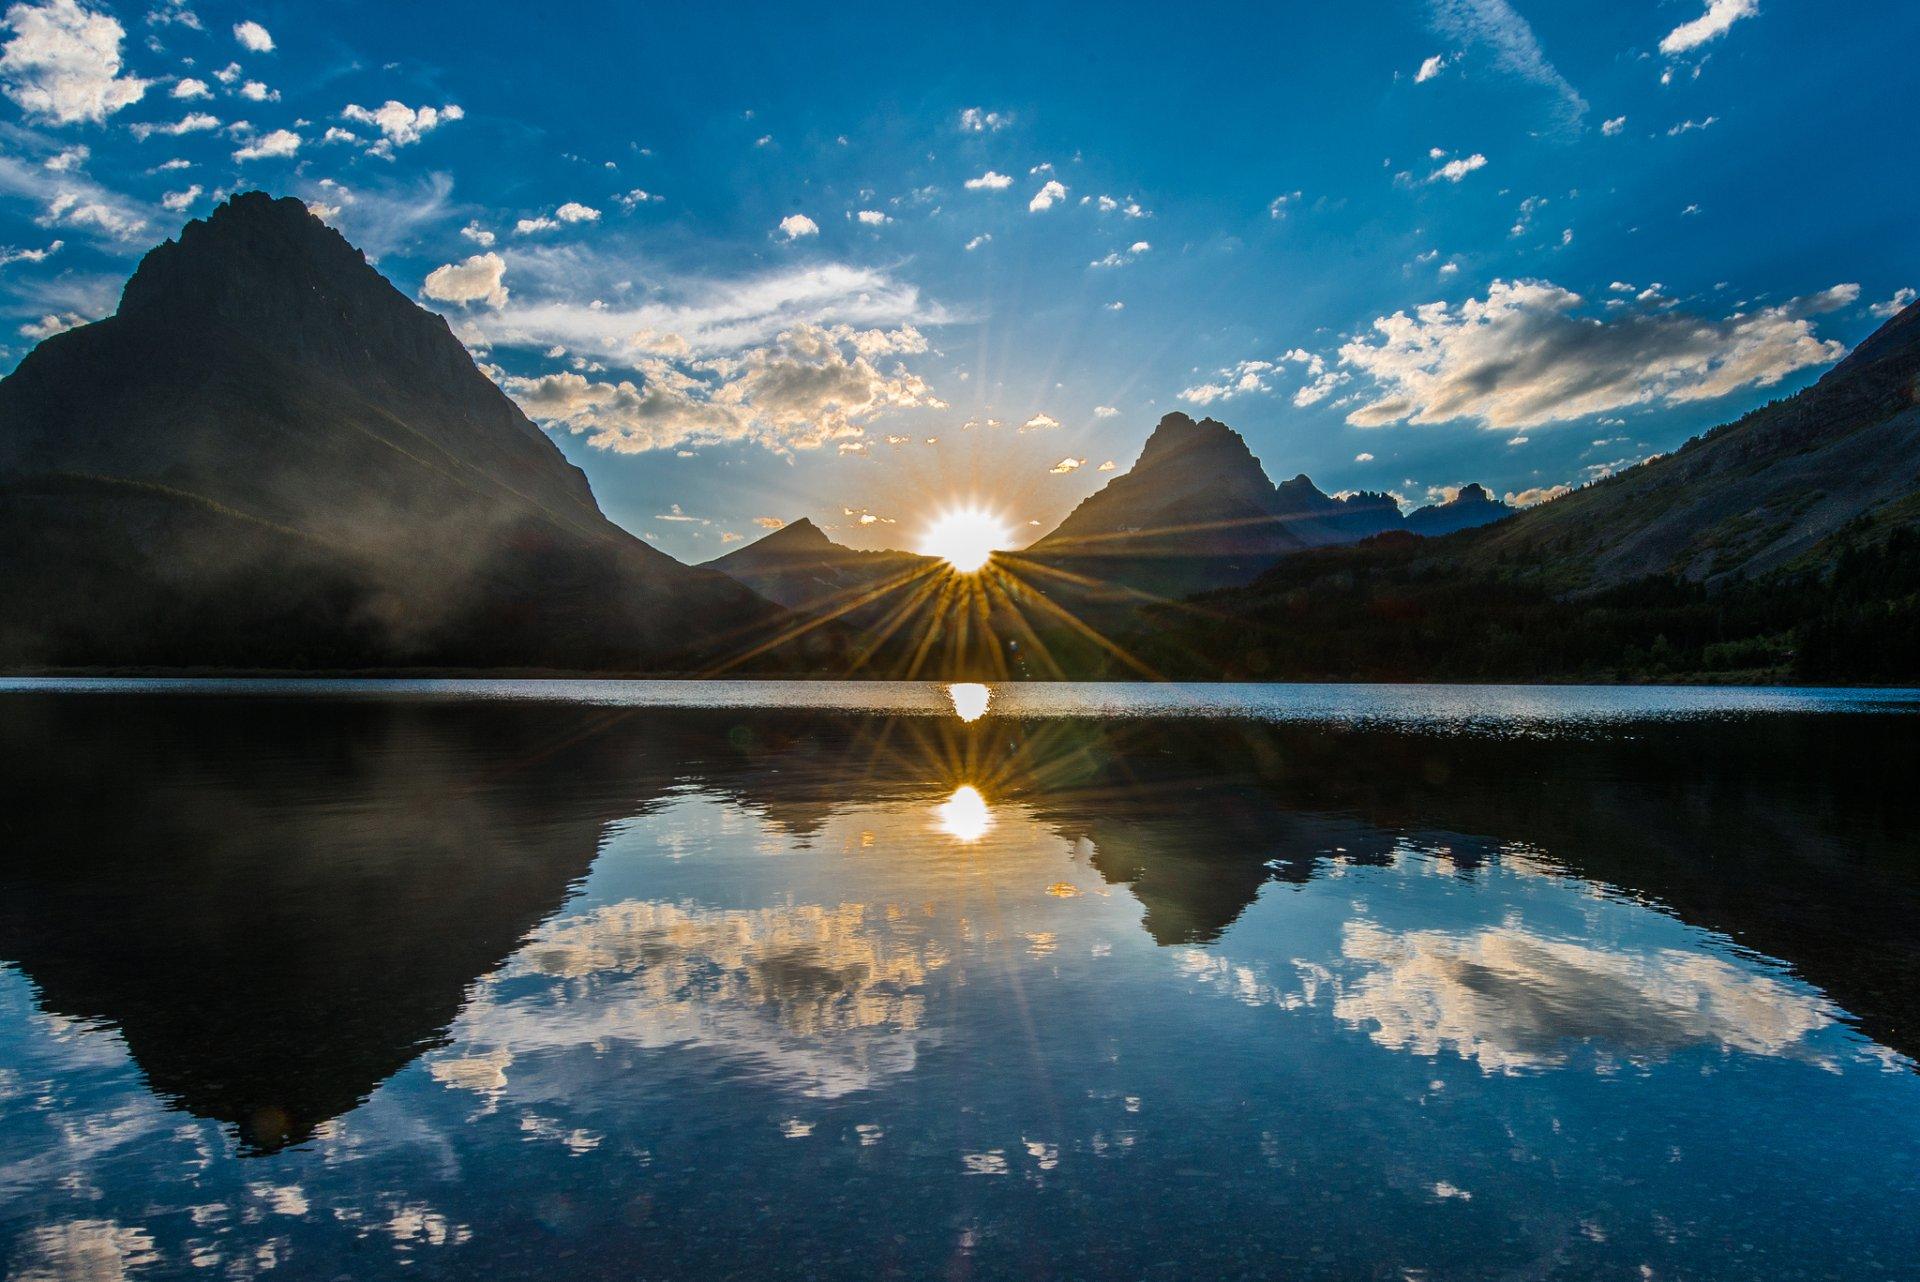 здании красивые картинки солнца в горах это правило, сможете